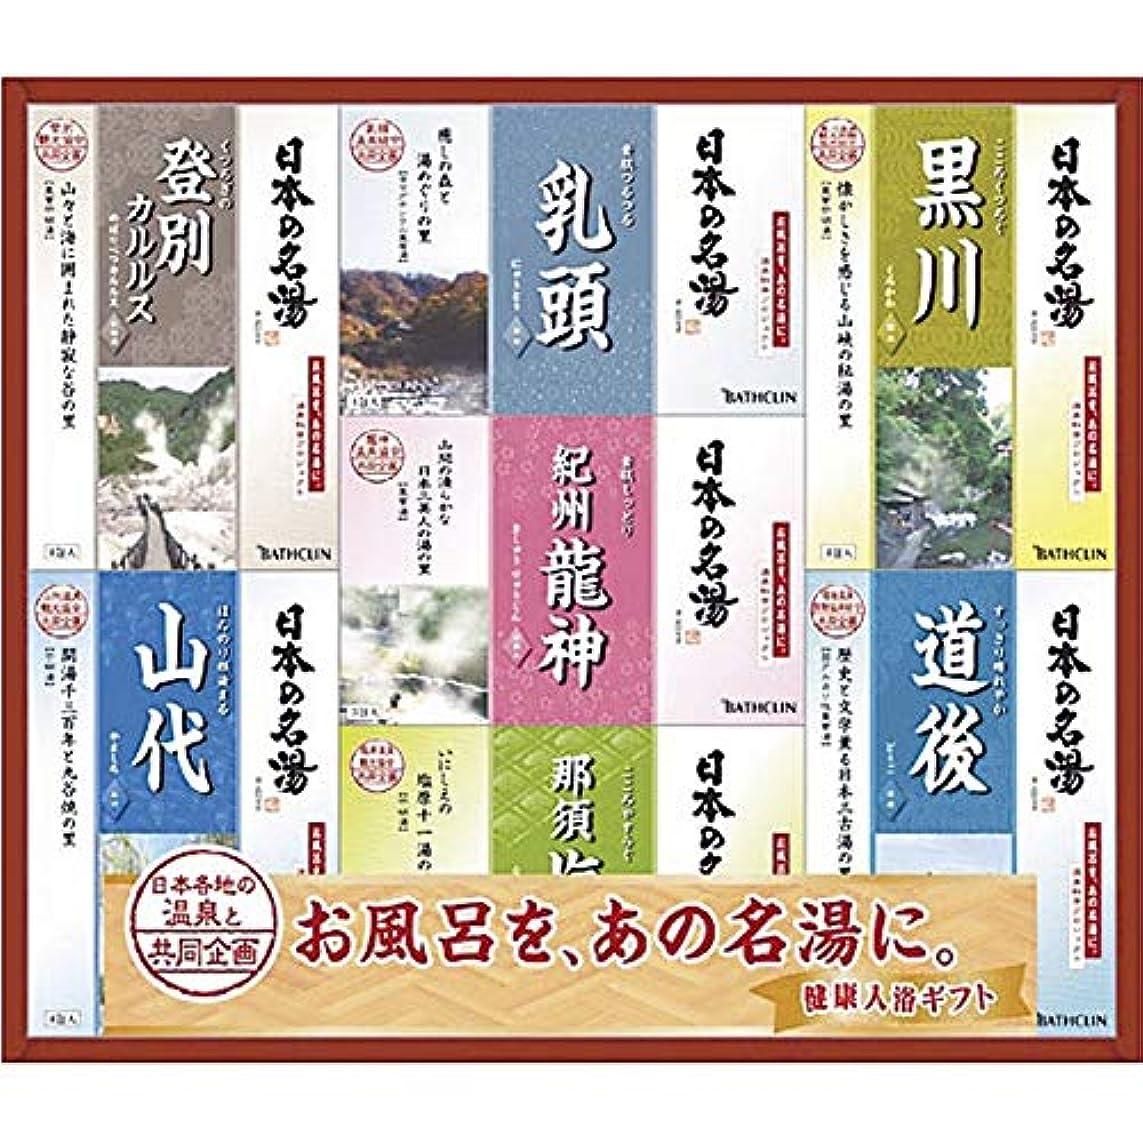 一晩地図怠惰バスクリン 日本の名湯 ギフトセット NMG-25F 【個包装 セット 詰め合わせ 疲労回復 ご褒美 贅沢 プチギフト 温まる 温泉 粉 ご当地 まとめ買い 名湯 リラックス 美肌 つめあわせ やさしい やすらぎ】